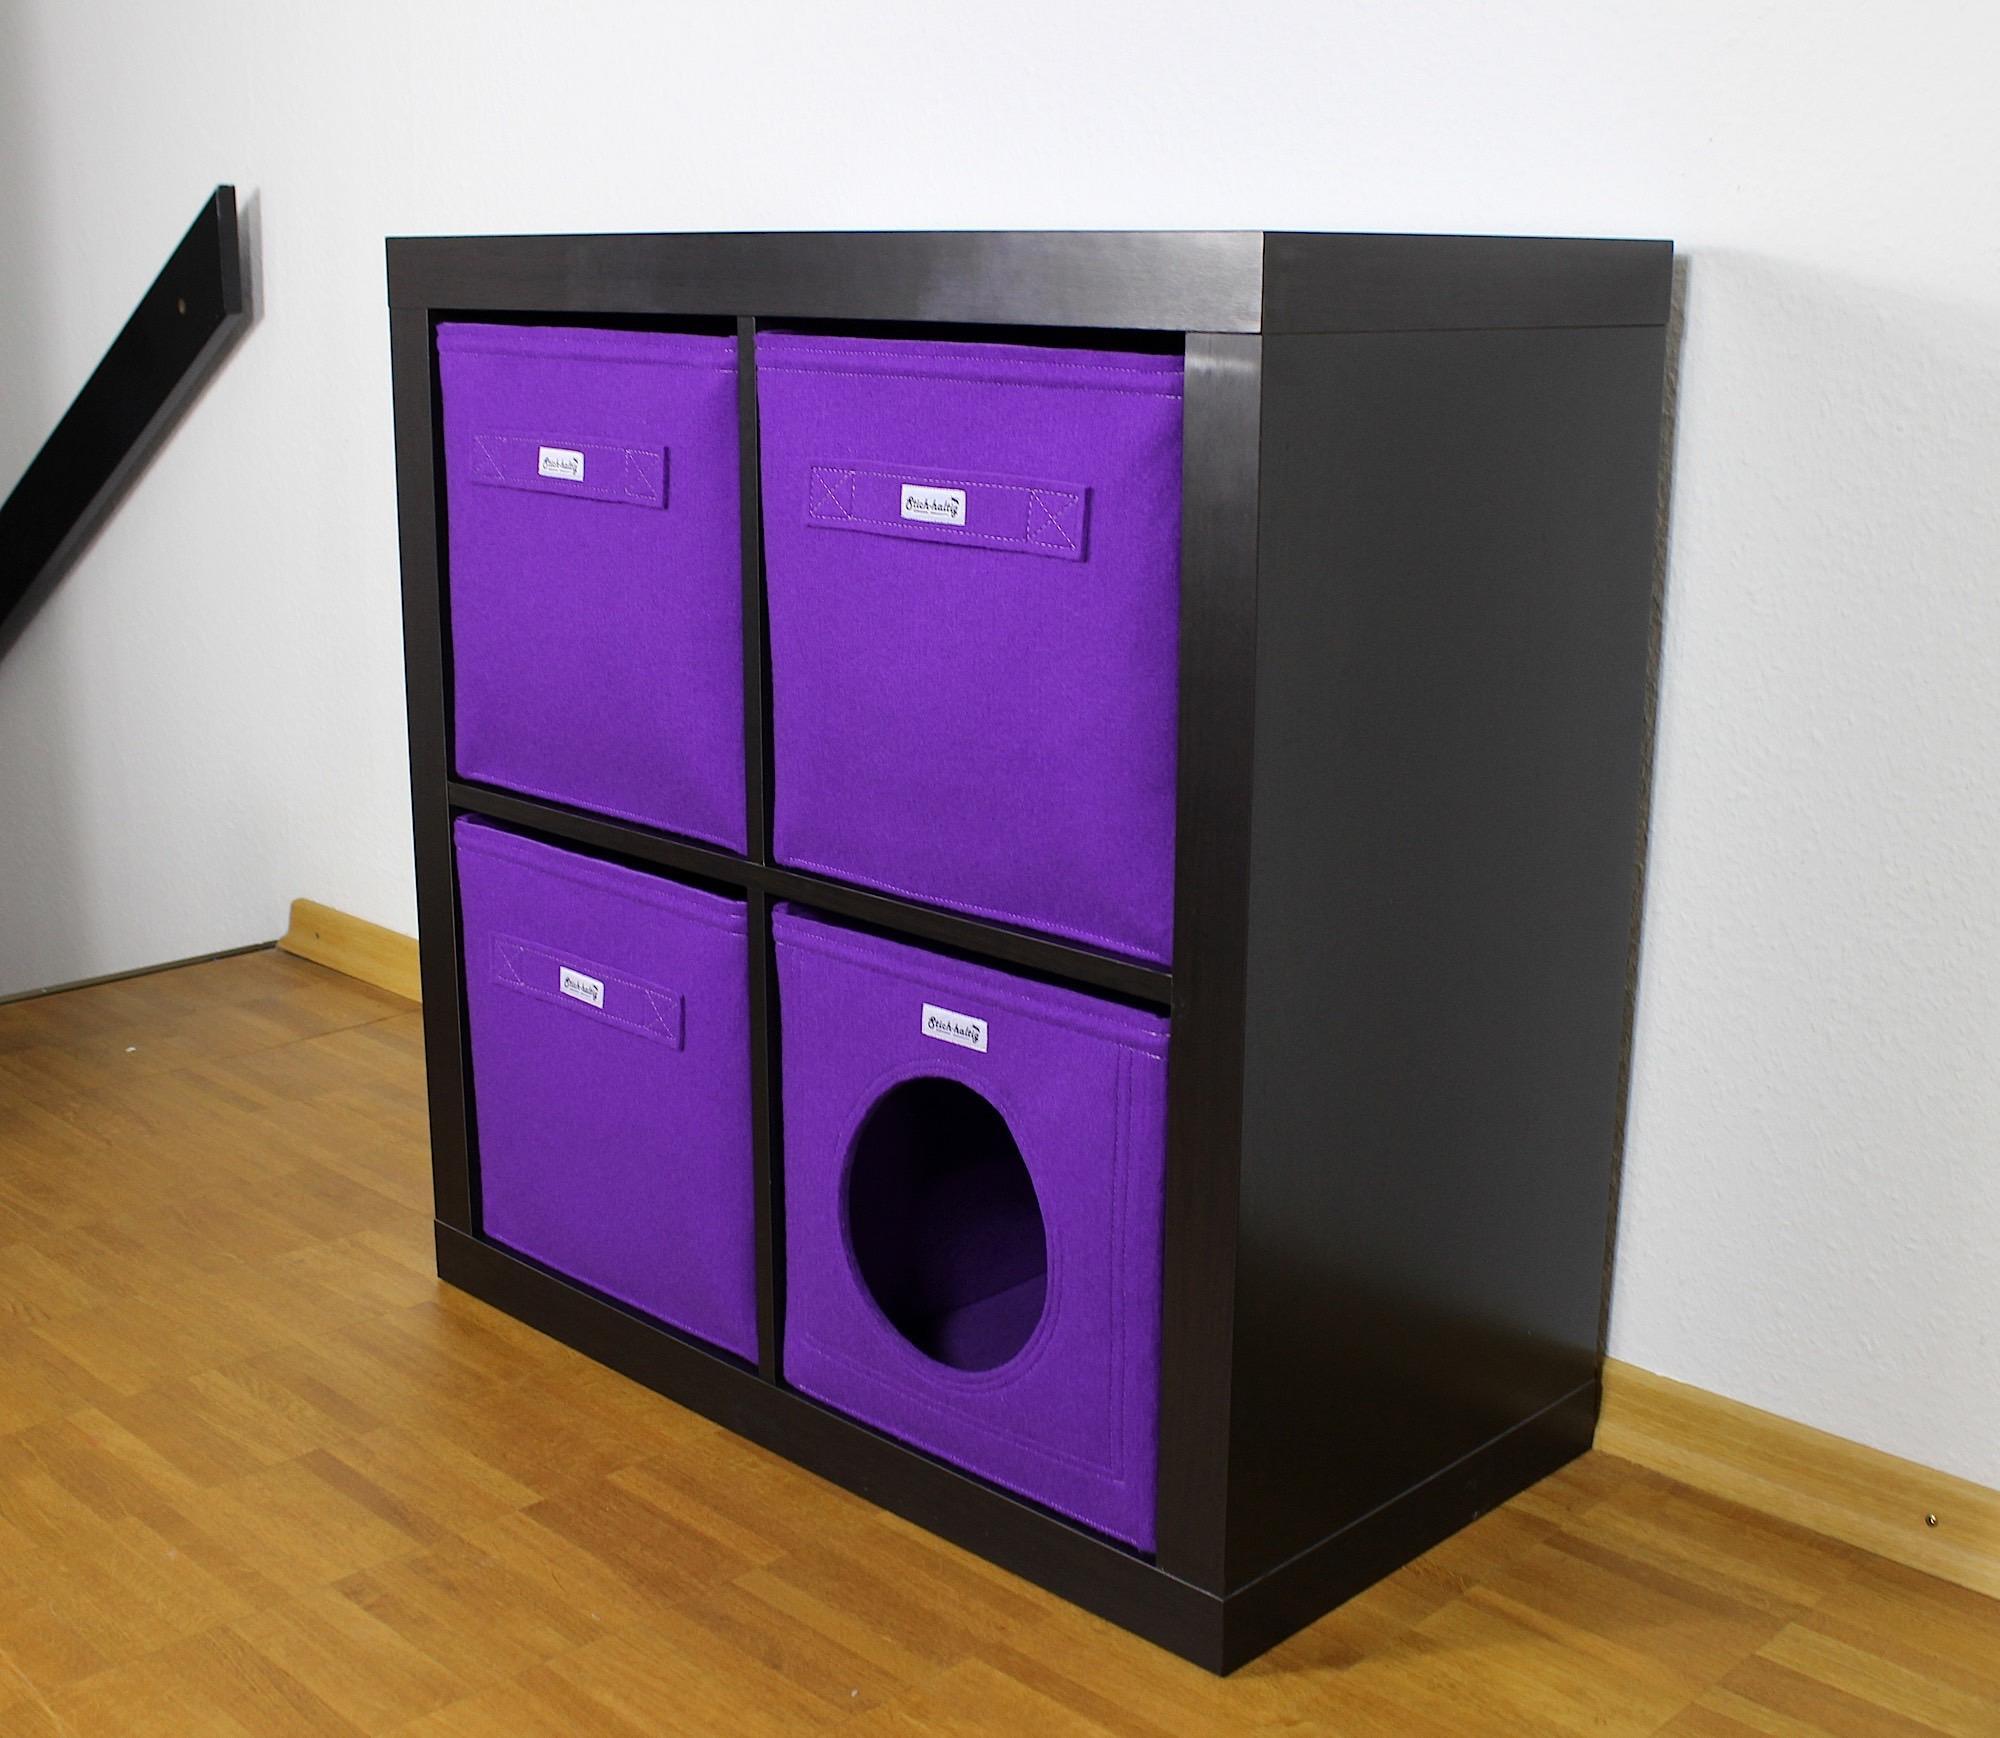 Ikea expedit ideen  Ikea Expedit • Bilder & Ideen • COUCHstyle